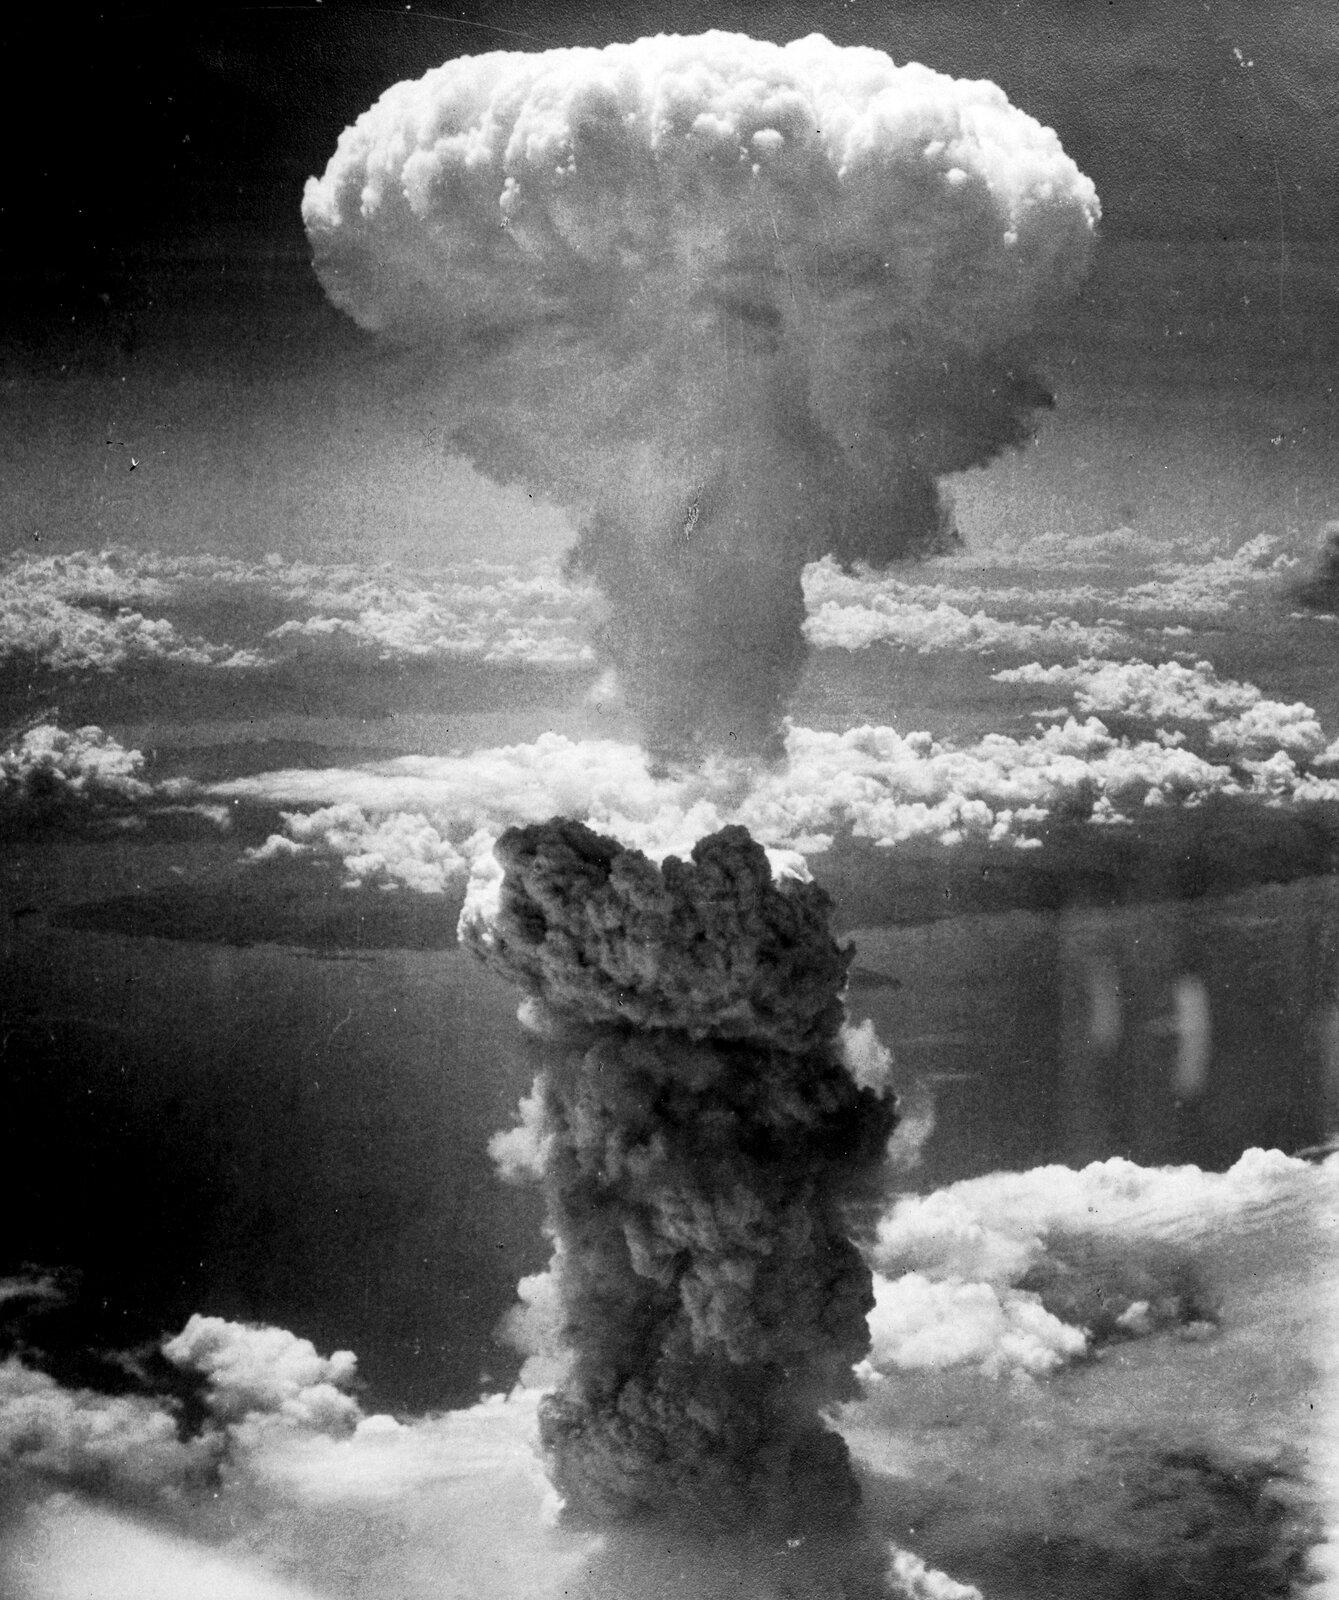 Historyczne zdjęcie czarnobiałe wykonane zpokładu bombowca B-29 przedstawia efekt wybuchu bomby atomowej Fat Man nad Nagasaki. Na pierwszym planie widoczny jest obłok wkształcie grzyba udołu czarny, augóry biały. Daleko poniżej chmury, morze iwyspy. Obszar zktórego wyrasta czarny słup to ląd częściowo przesłonięty chmurami. Brak widocznych szczegółów ukształtowania terenu.